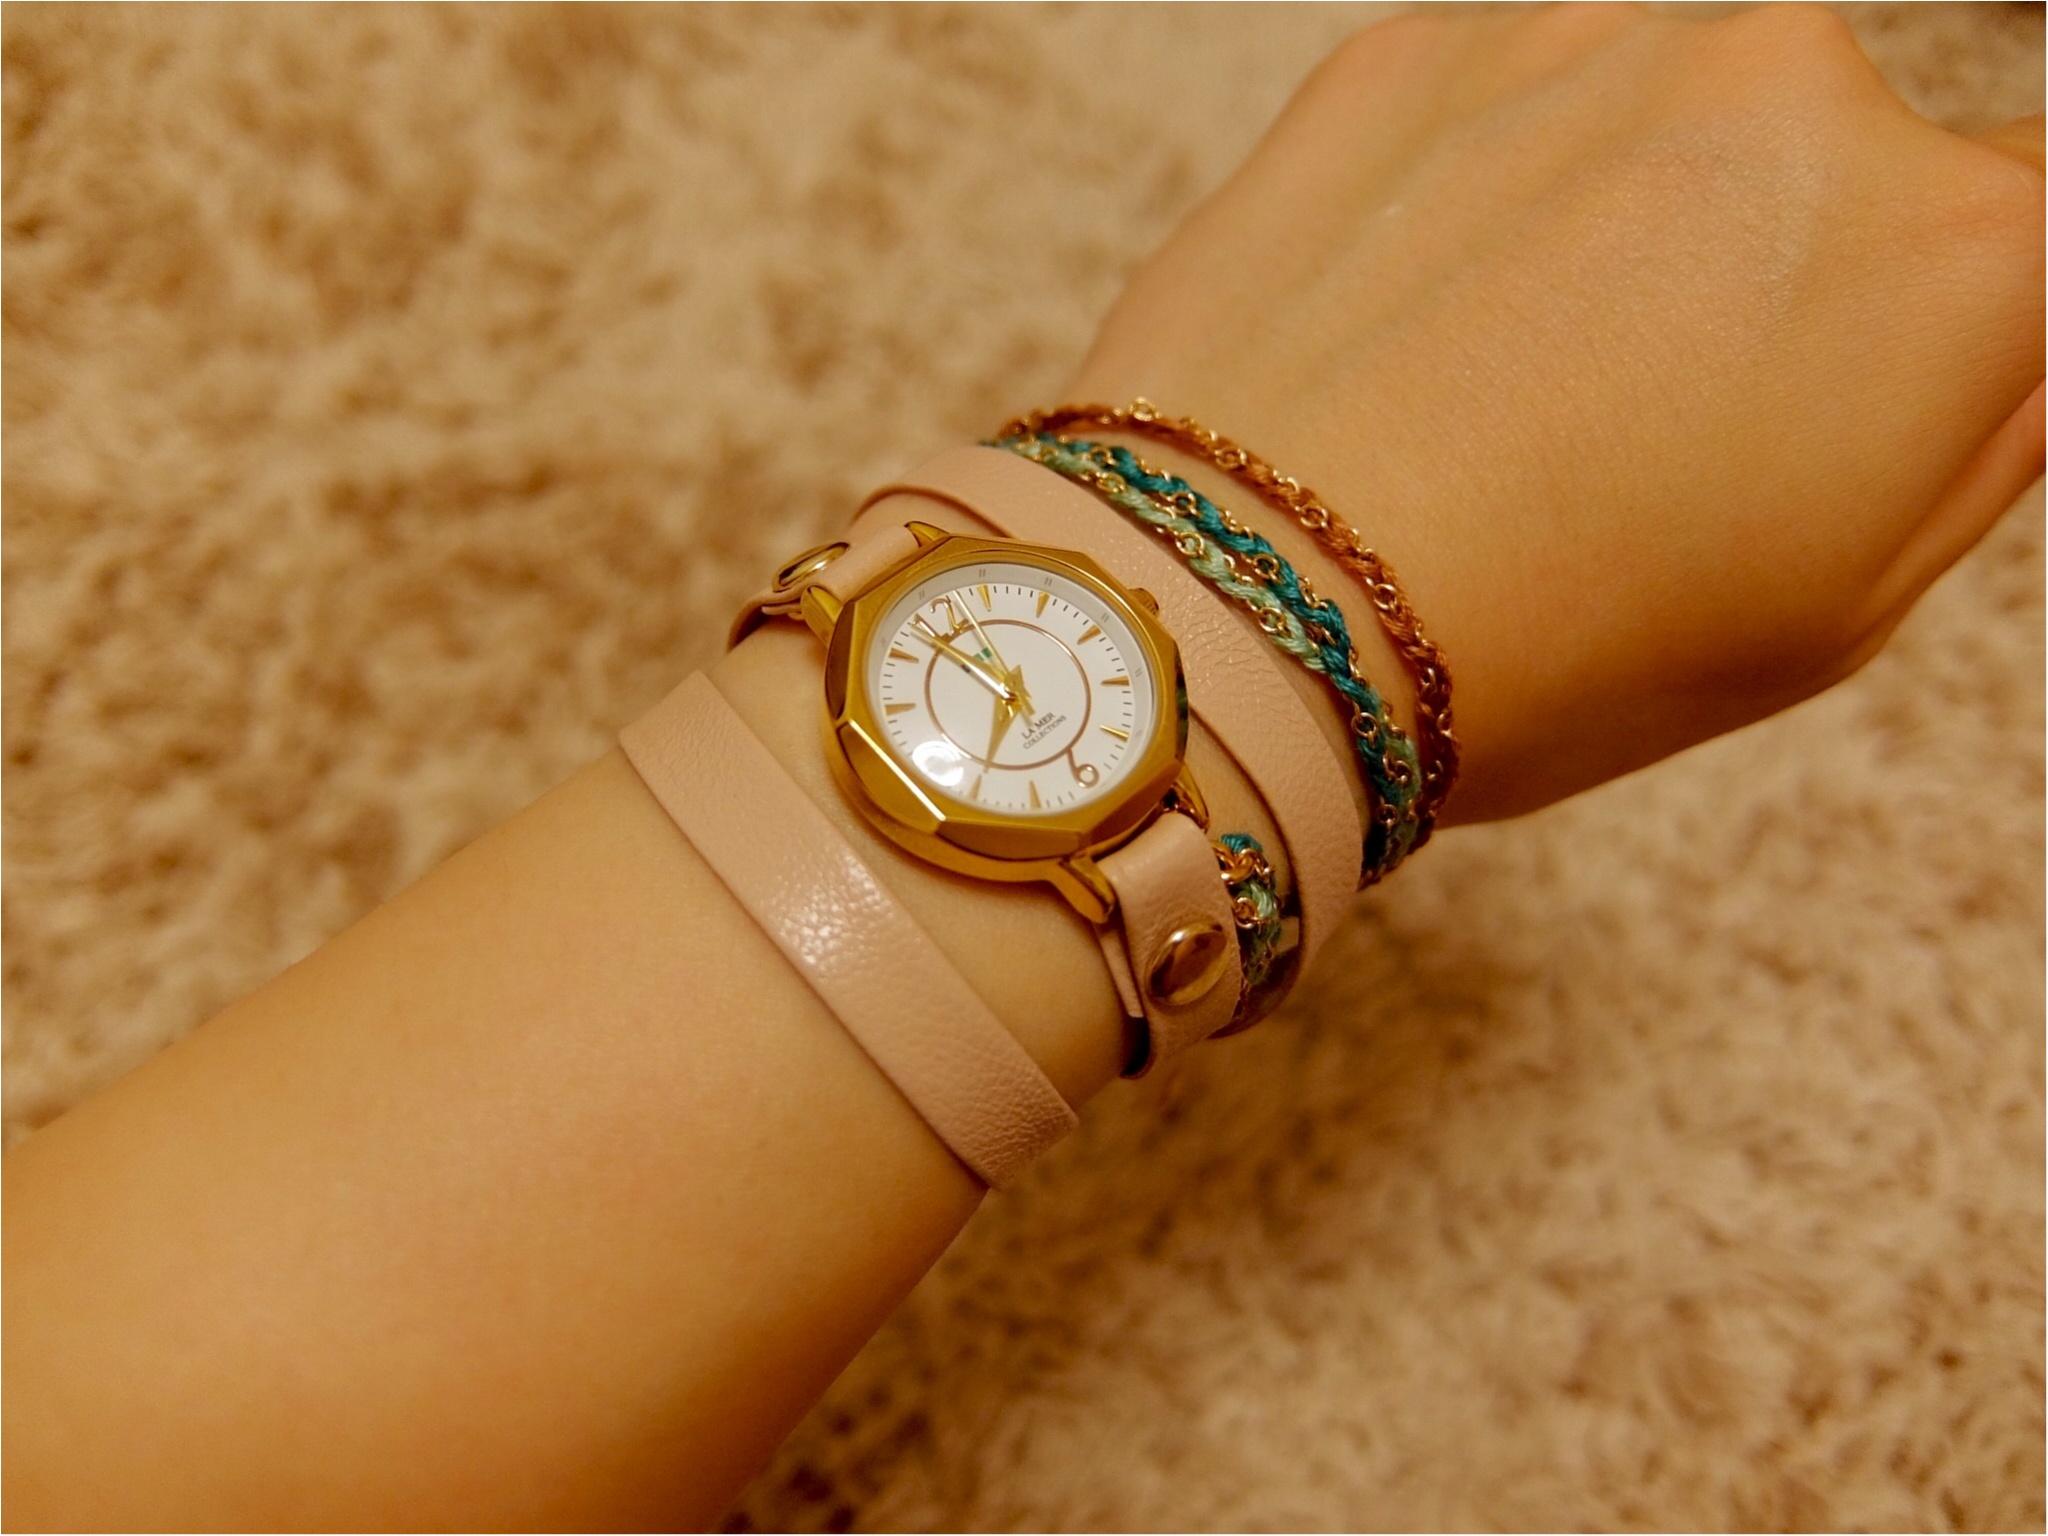 カジュアル好きにはたまらない♡【ラ・メール コレクションズ】の腕時計を買っちゃいました!_5